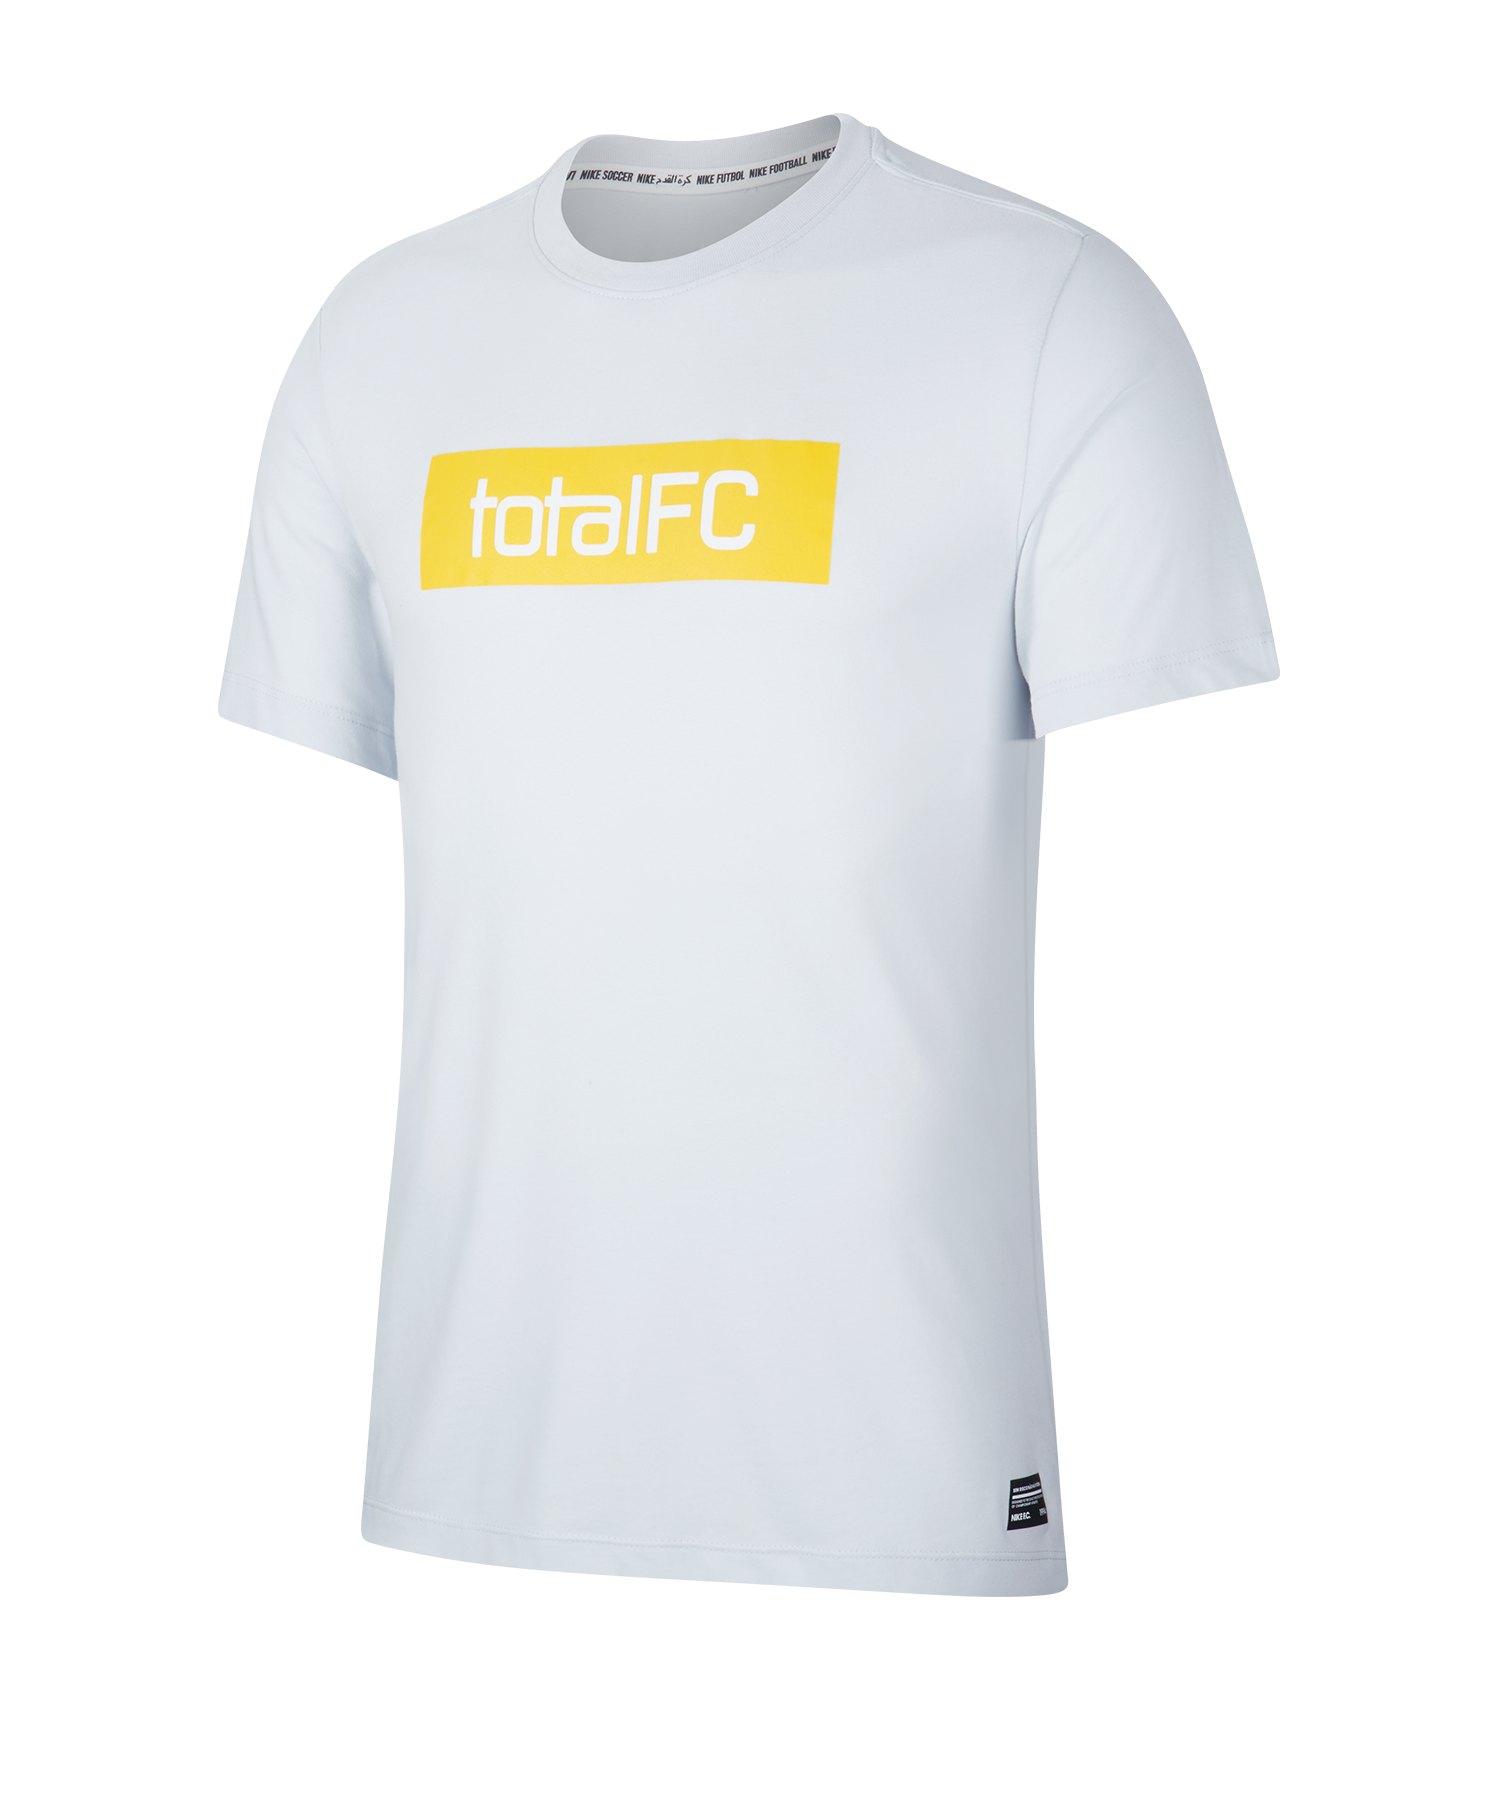 Nike F.C. Dri-FIT Trainingsshirt kurzarm Grau F043 - grau